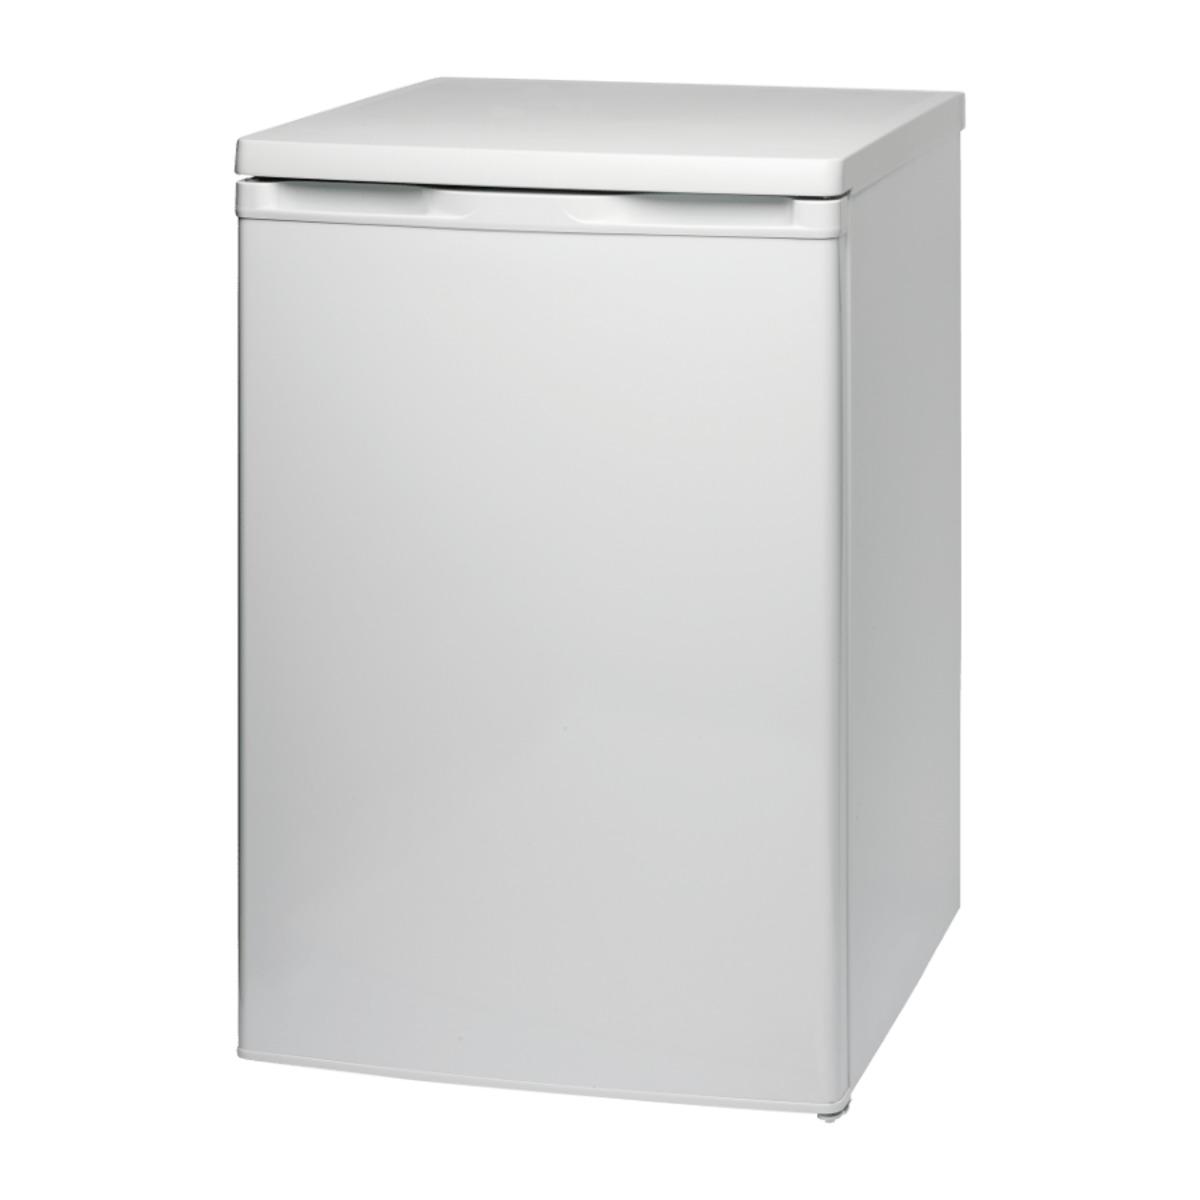 Bild 1 von QUIGG     Vollraum-Kühlschrank MD 13854